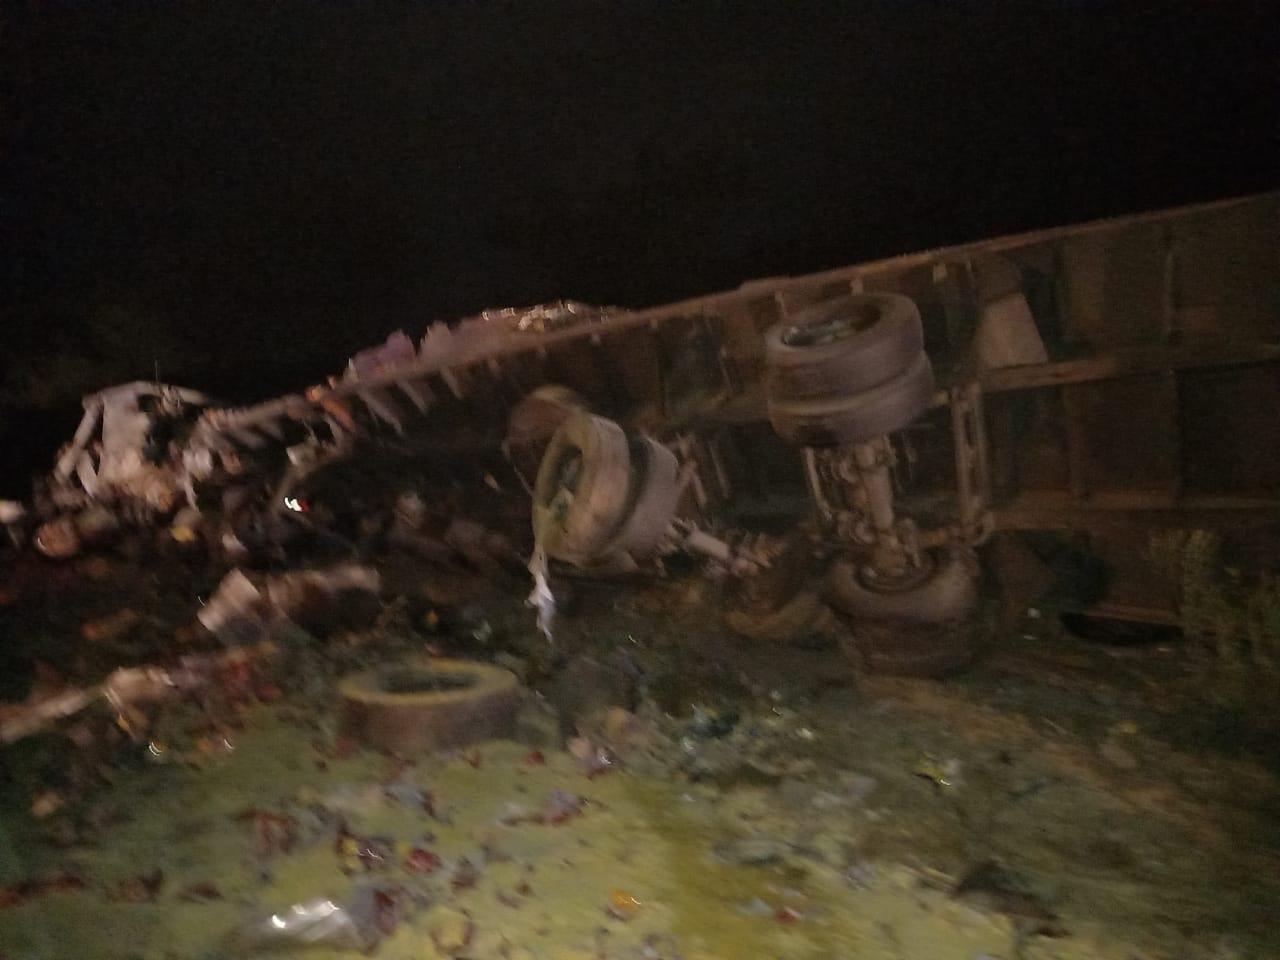 Acidente foi registrado na zona rural de Timon